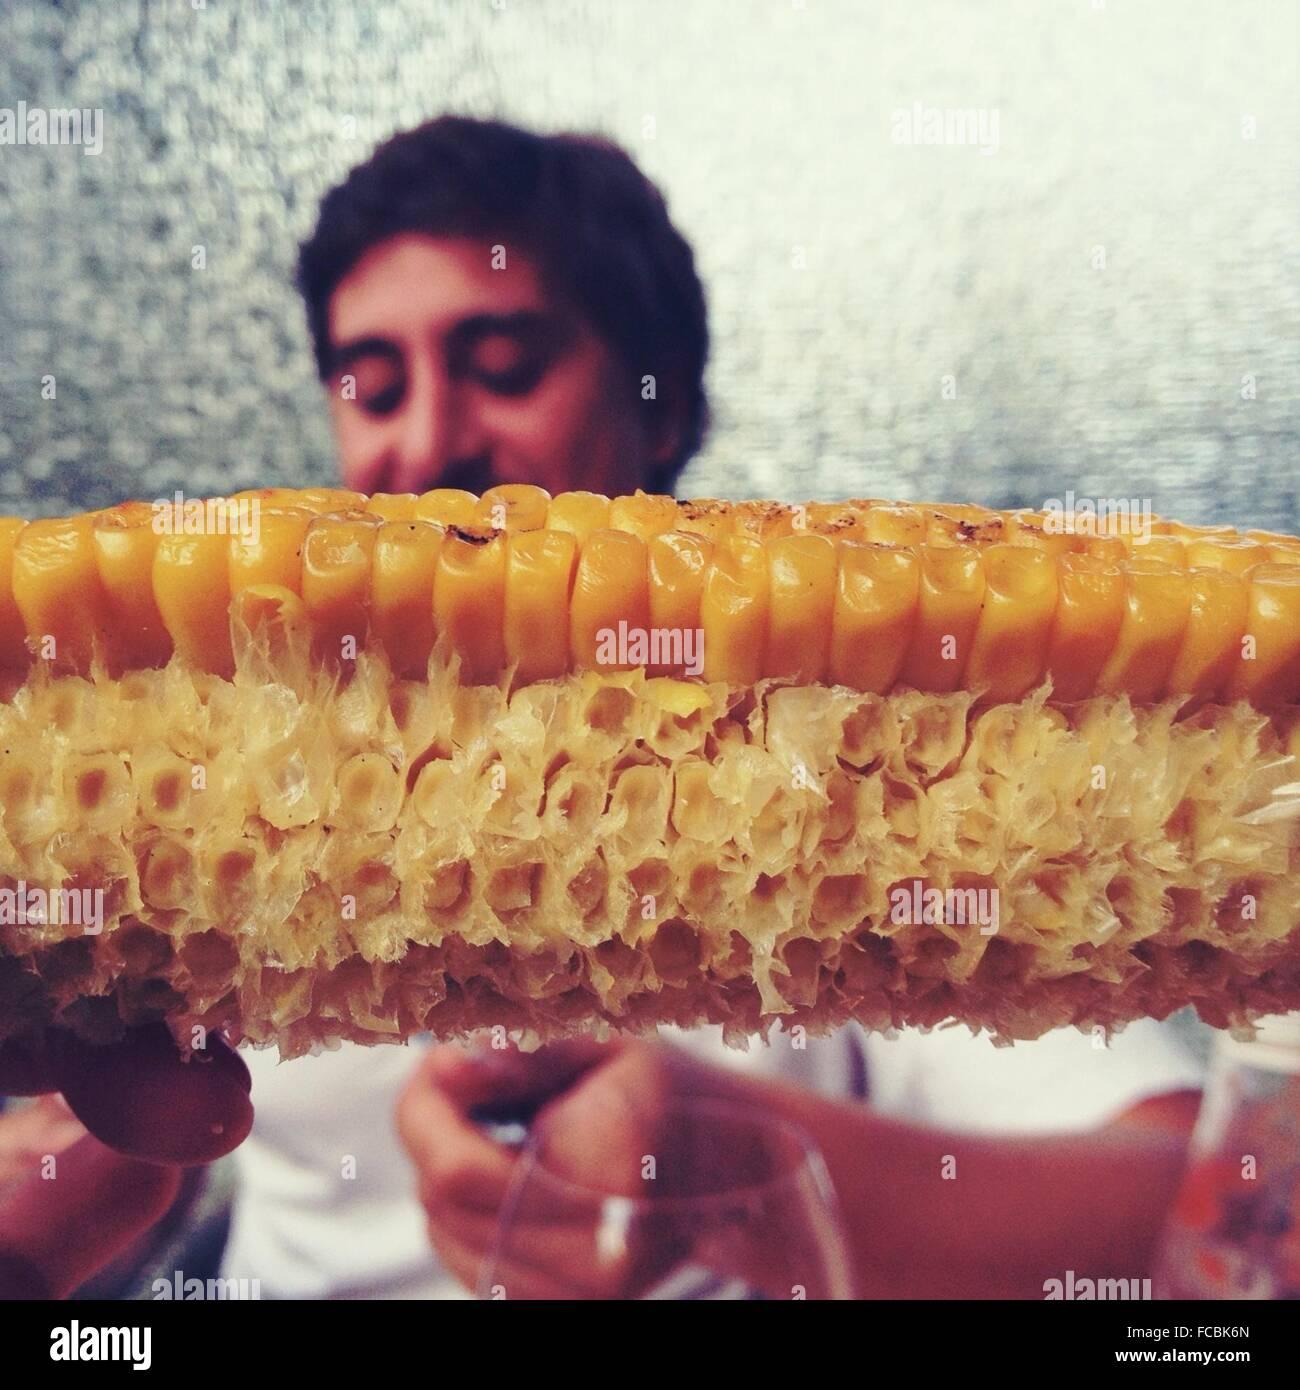 Detalle de comerse el maíz con el hombre en segundo plano. Imagen De Stock